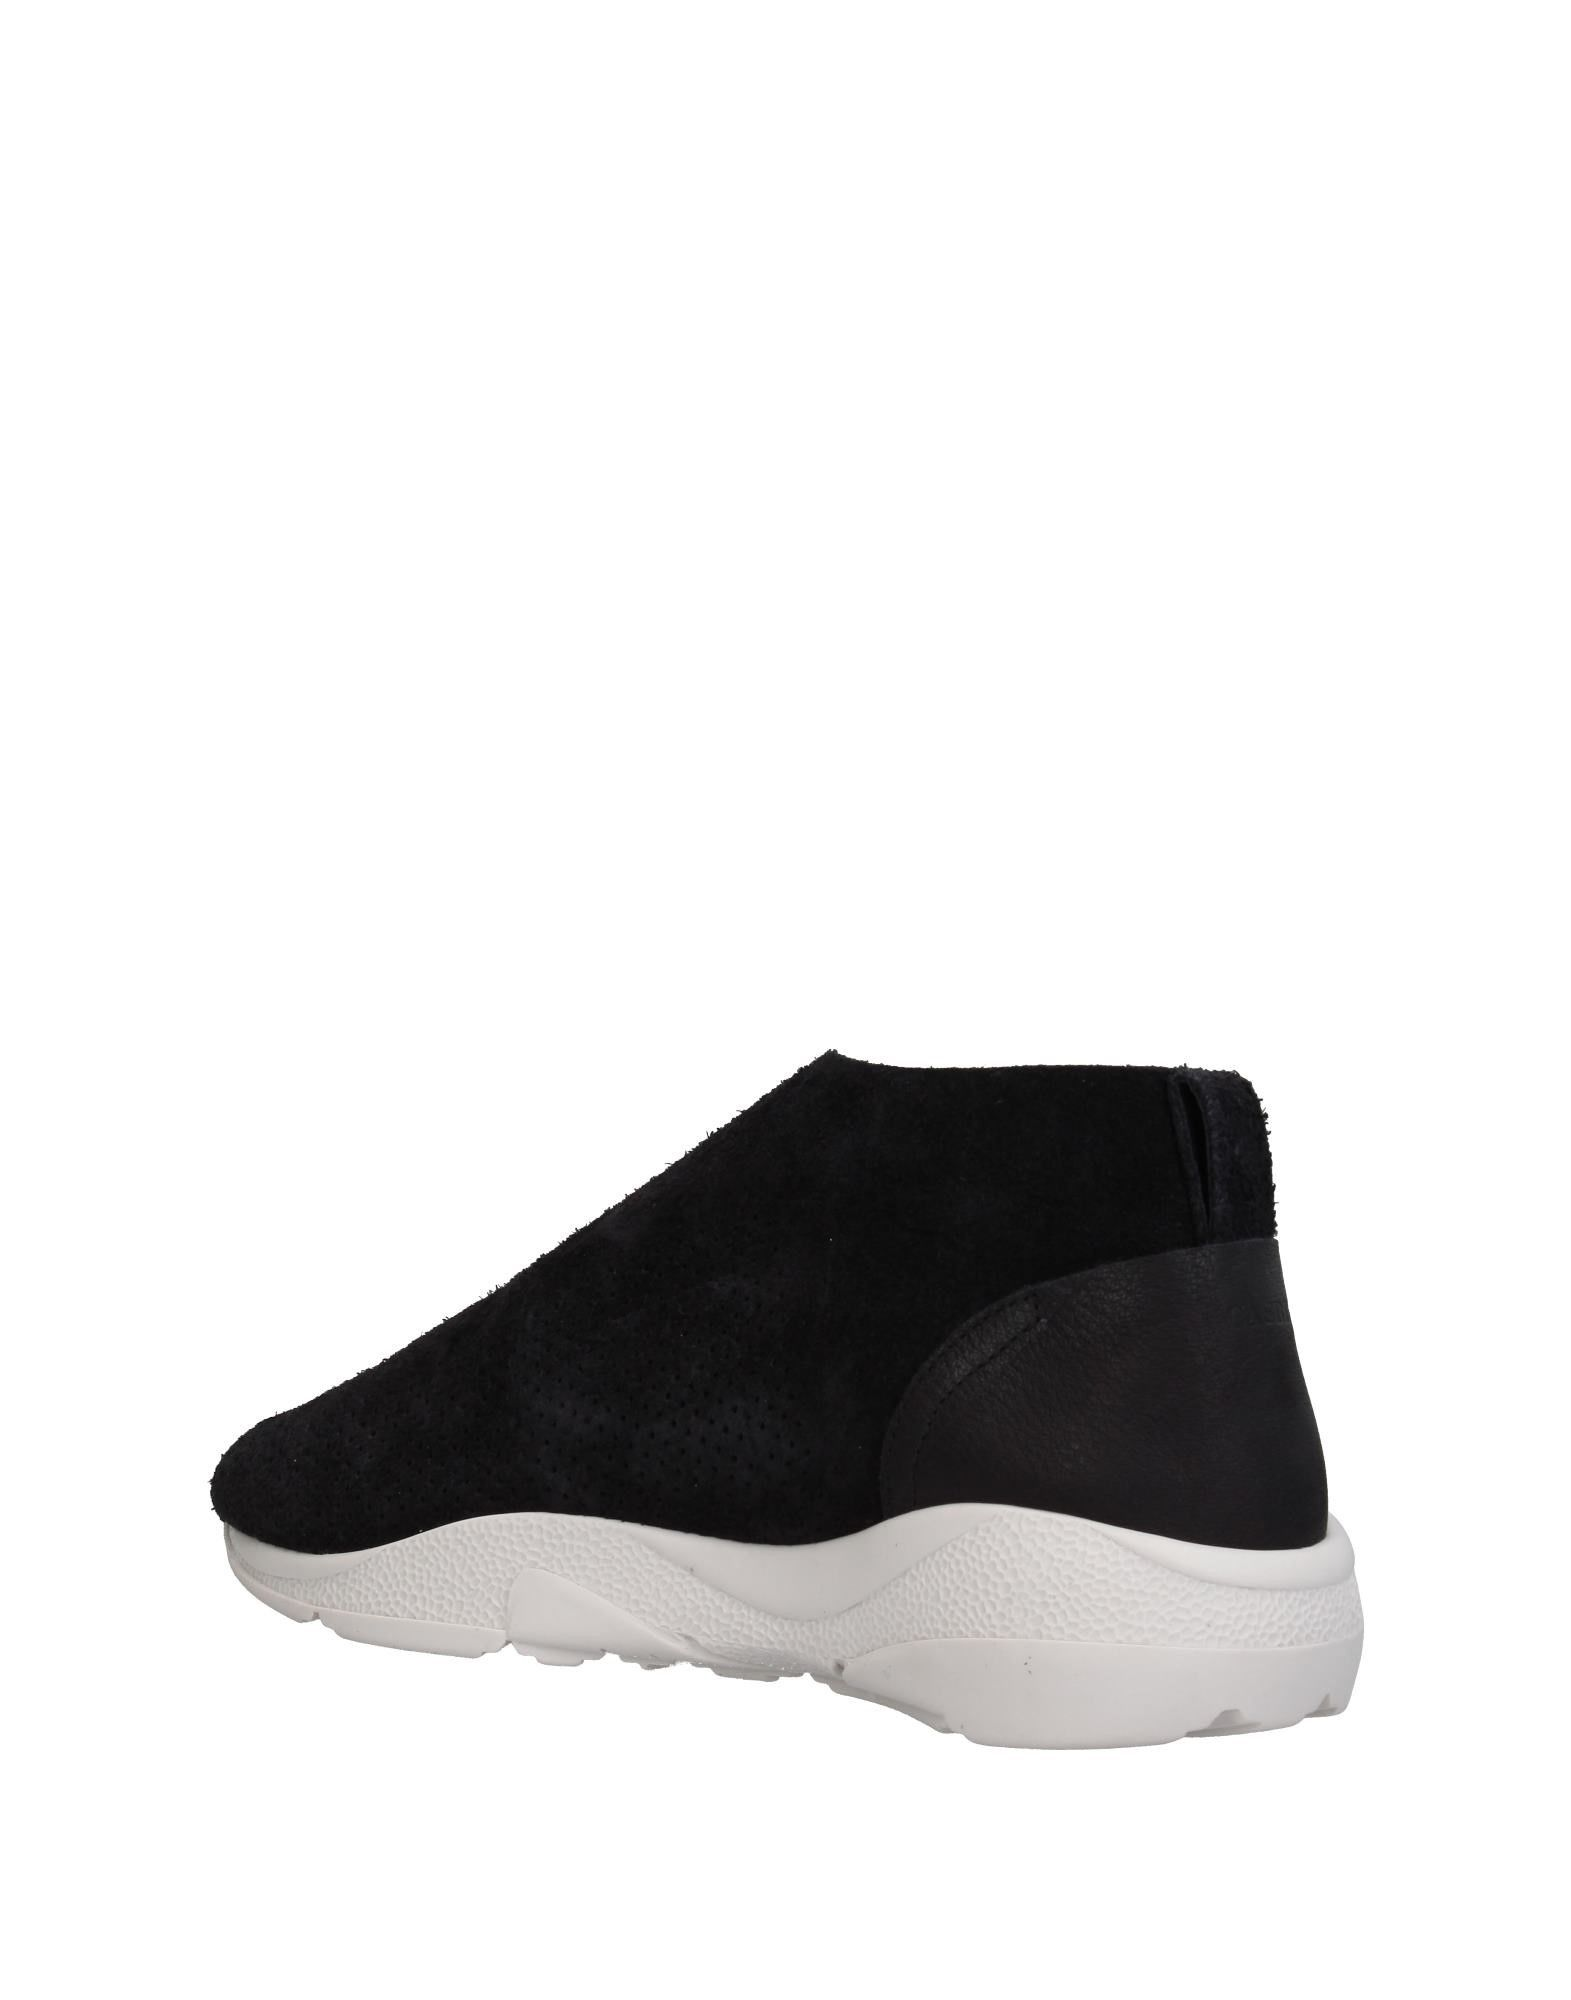 Rabatt echte Schuhe Schuhe echte Casbia Sneakers Herren  11387164BD 8e4329